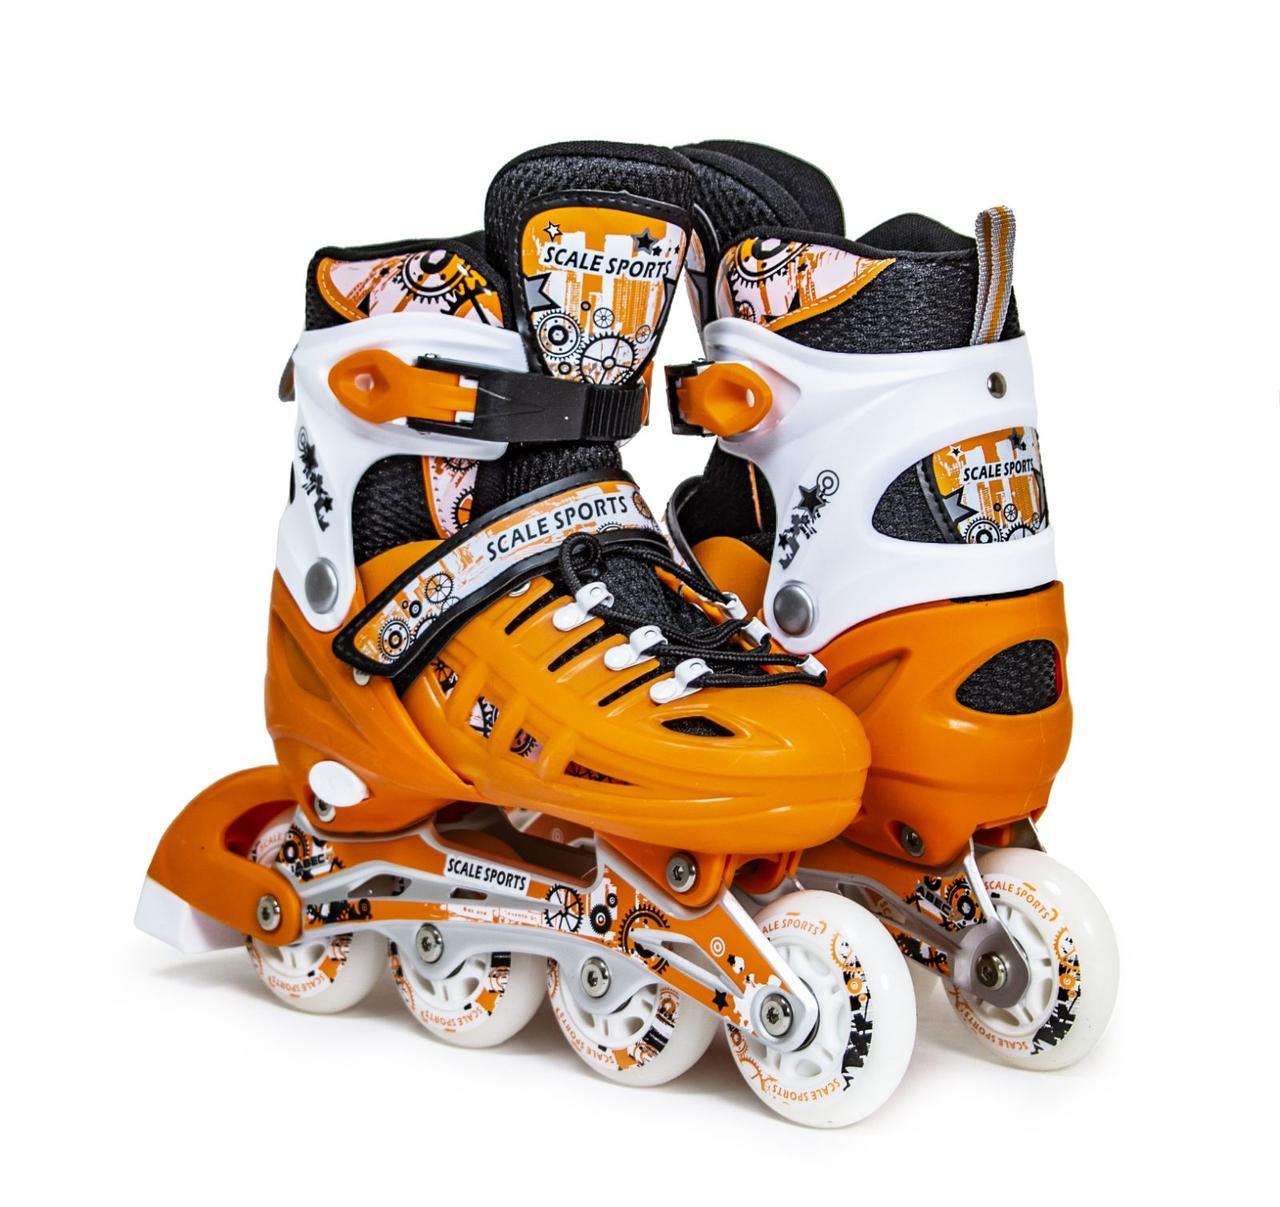 Детские Ролики Scale Sports. оранжевый цвет, размер 29-33.